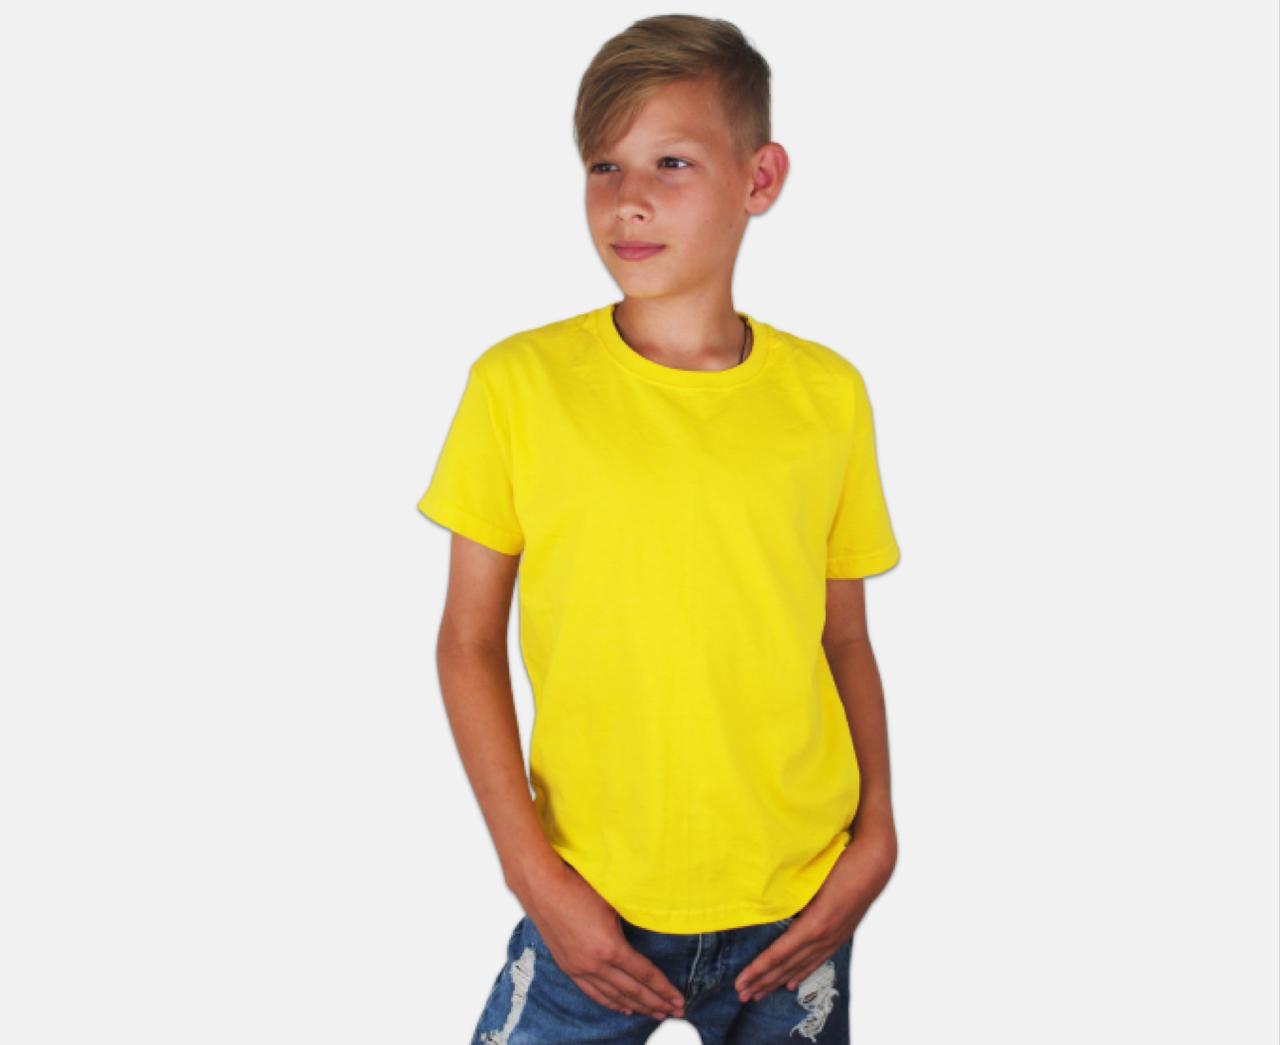 Детская Классическая Футболка для Мальчиков Ярко-жёлтая Fruit of the loom 61-033-K2 5-6